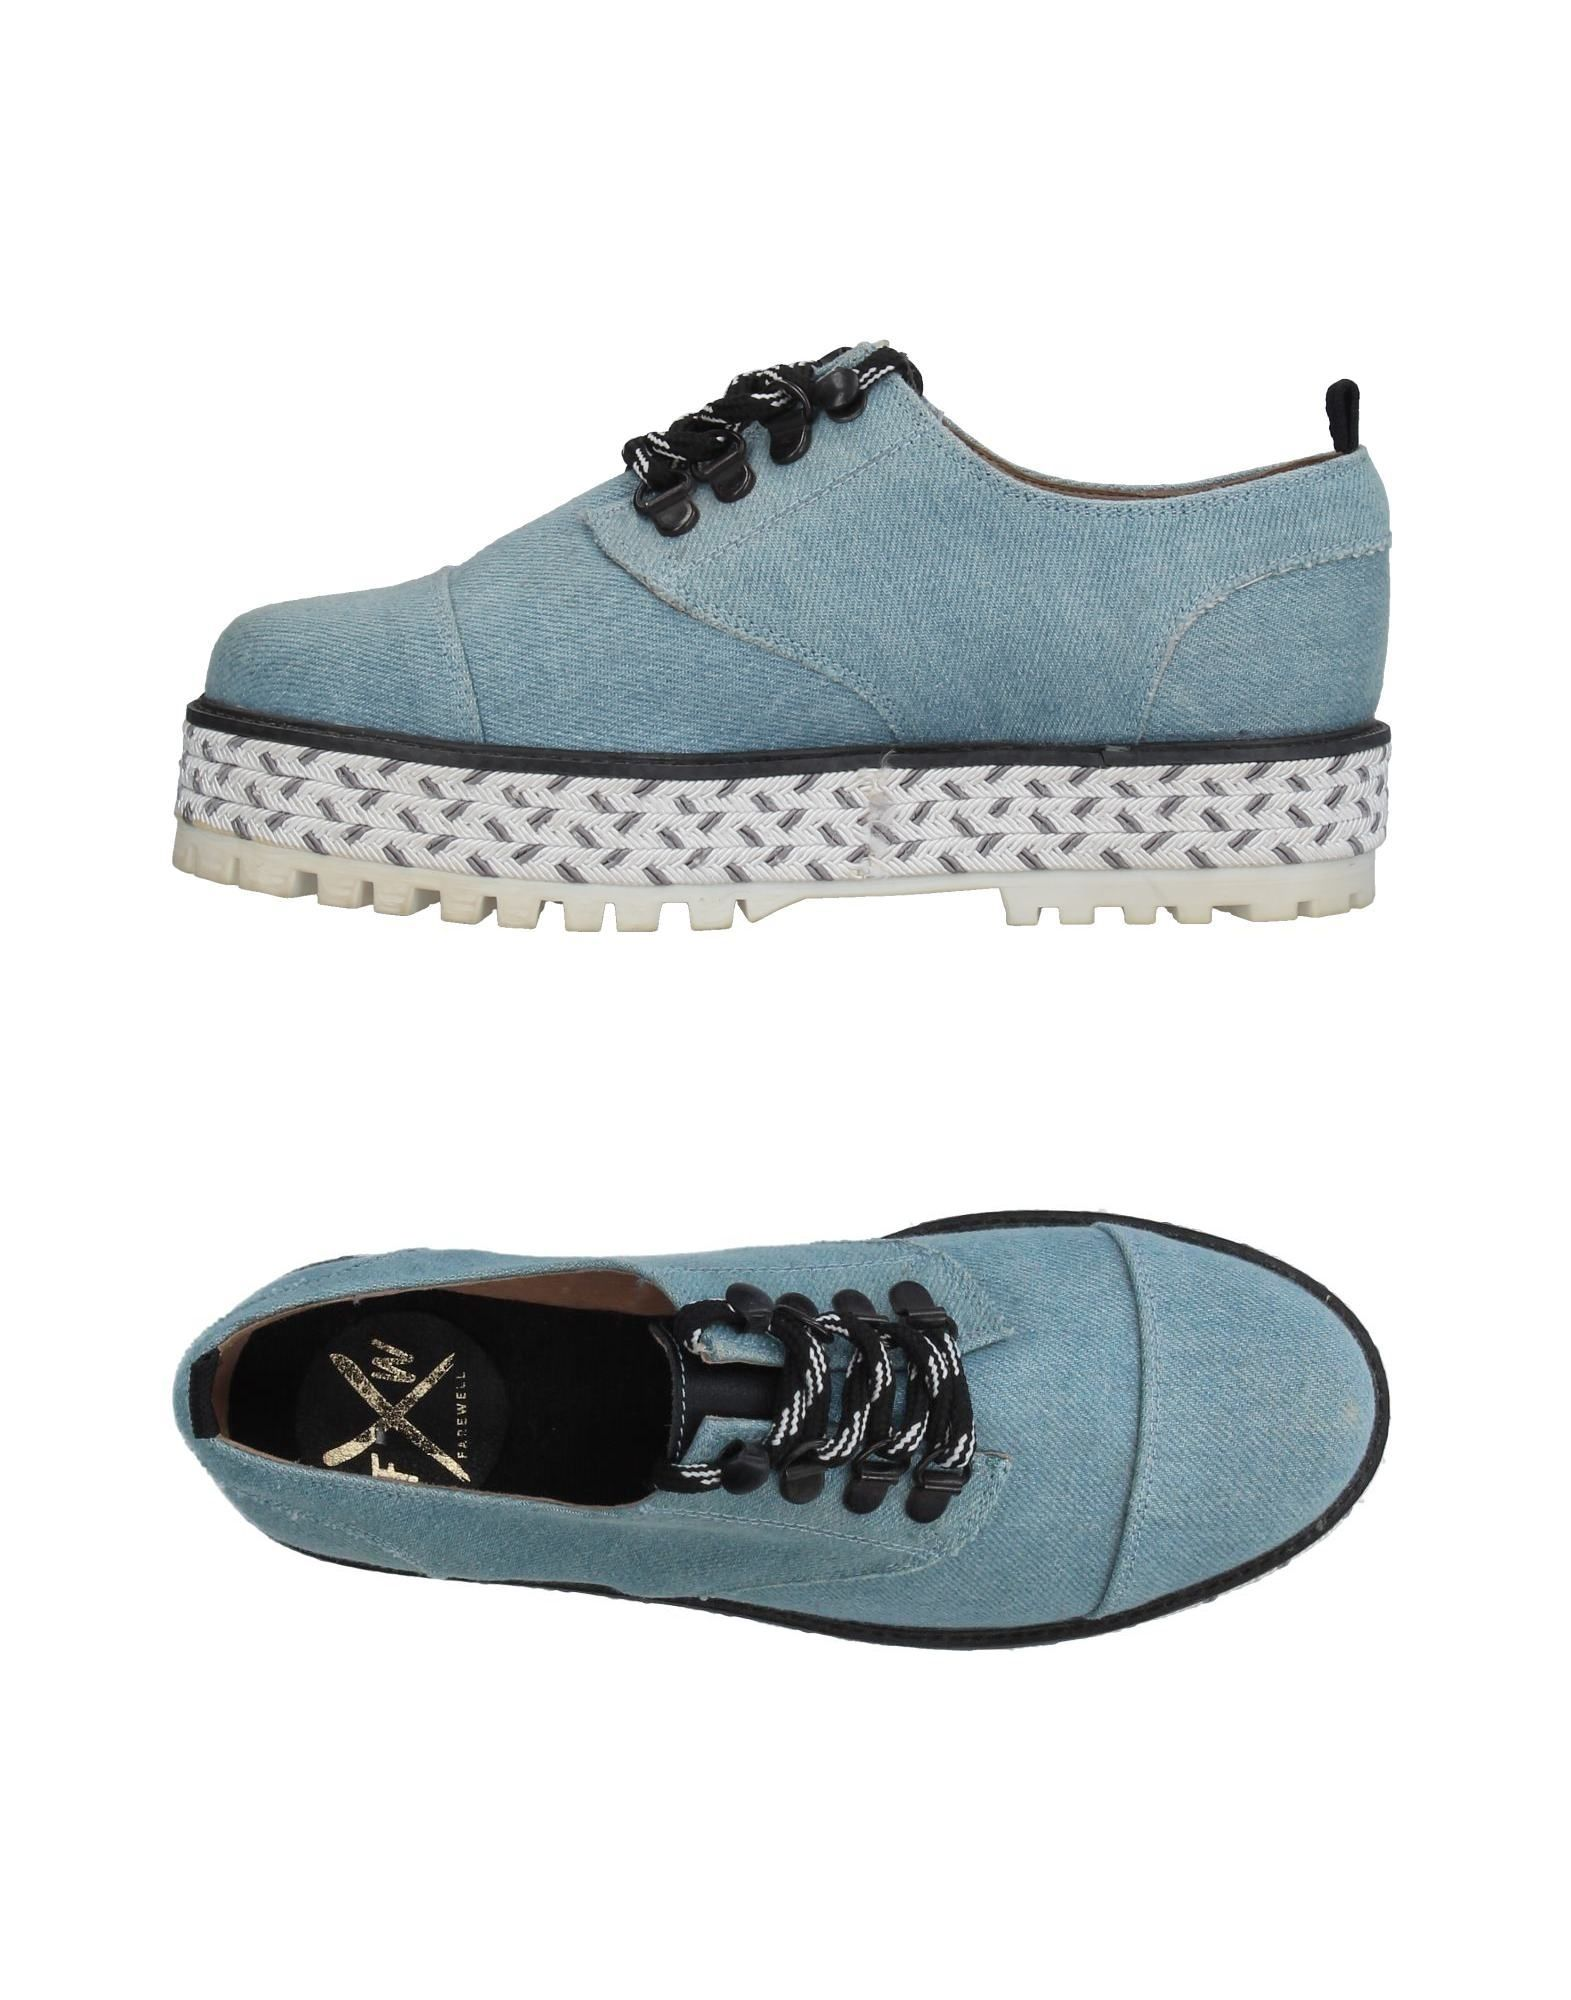 цены на FAREWELL  FOOTWEAR Обувь на шнурках в интернет-магазинах